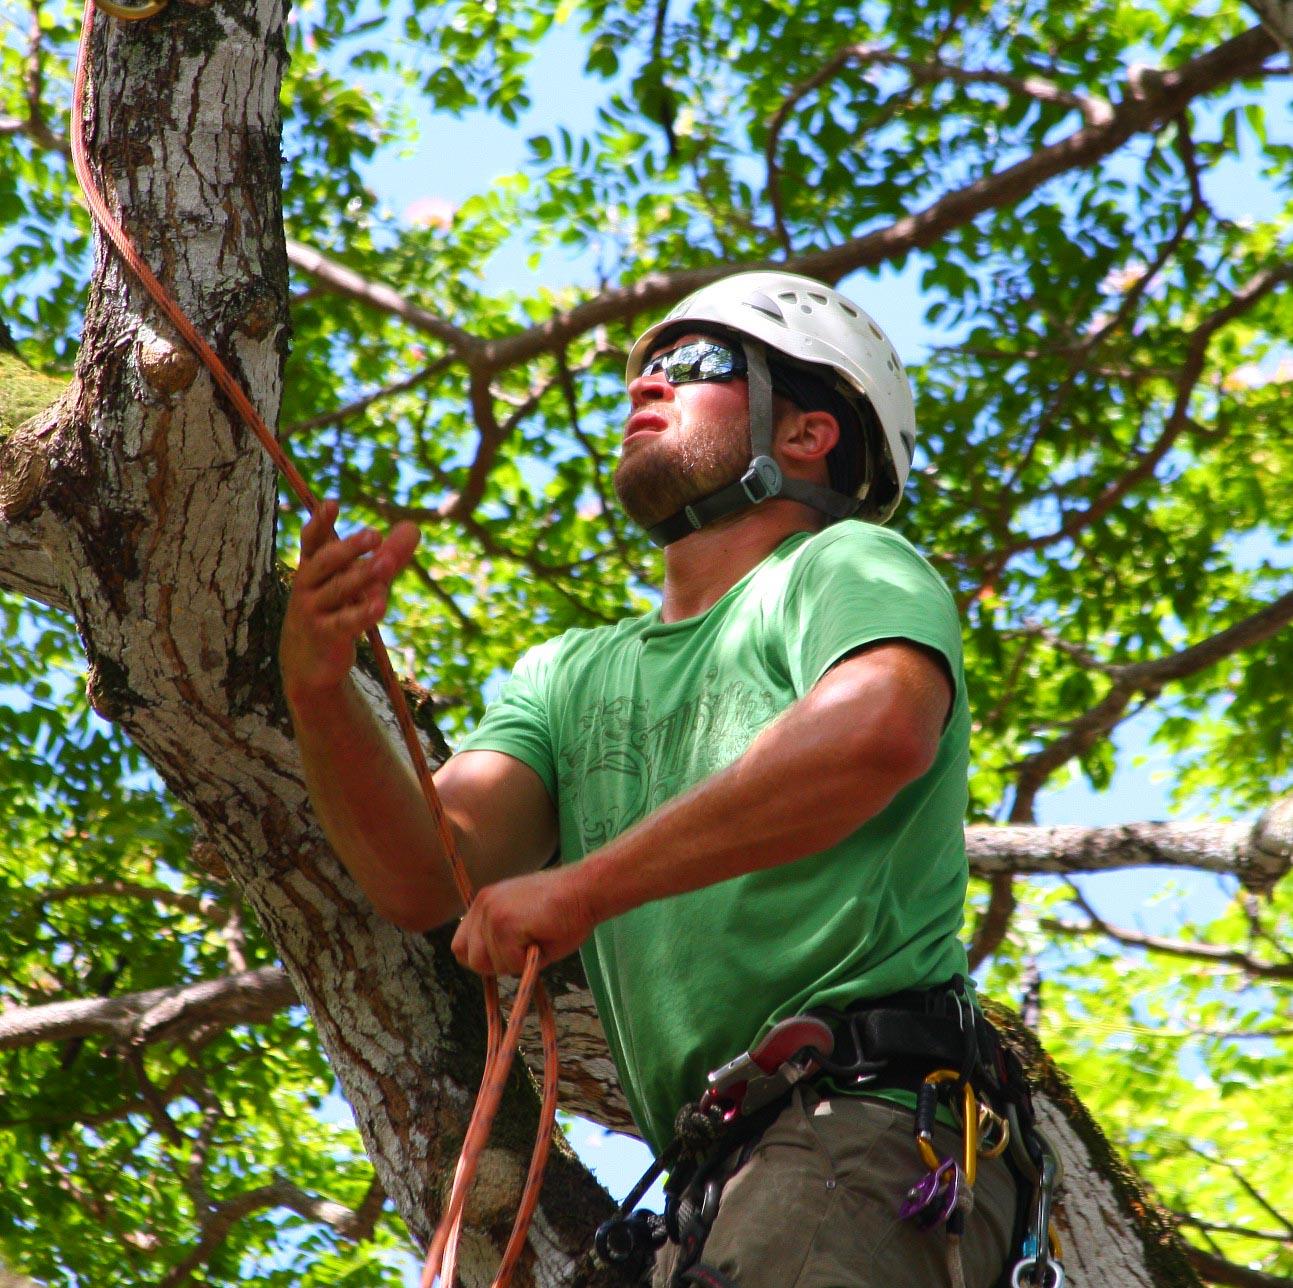 Find An Arborist In Illinois with the Illinois Arborist AssociationArborist